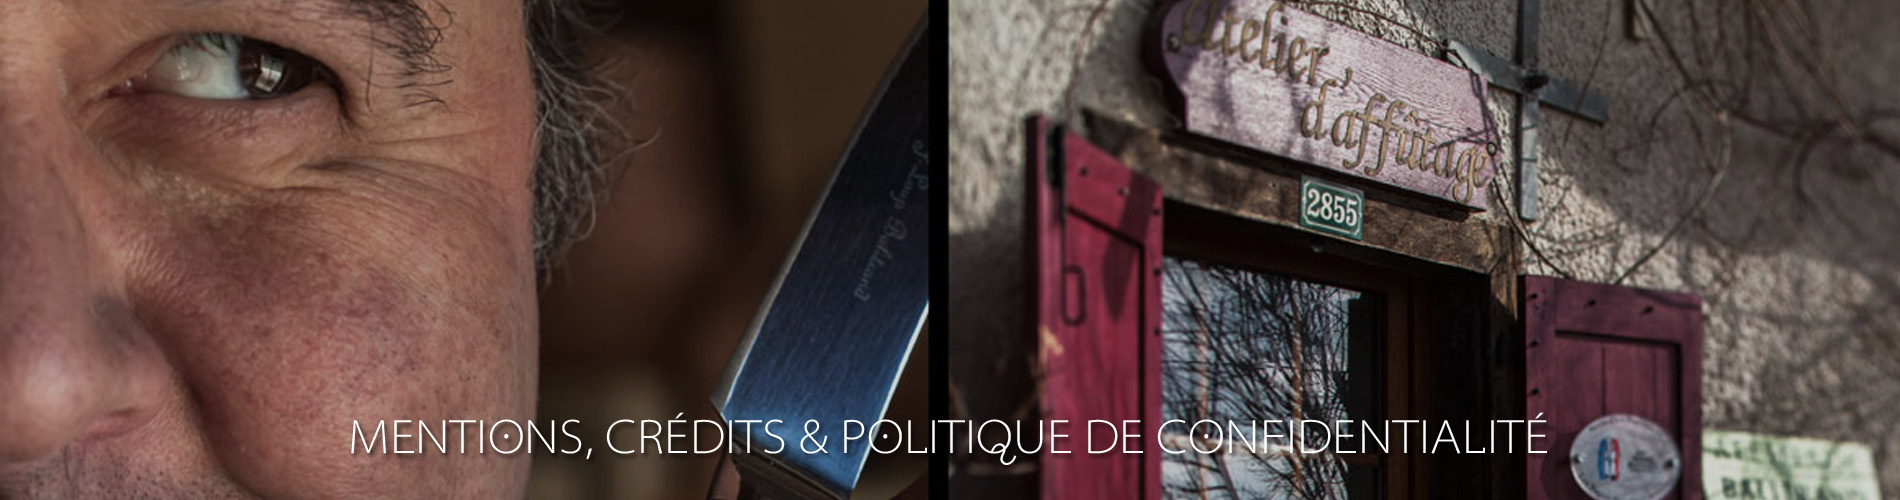 Conseils d'entretien couteaux de cuisine et table - Jean-Loup Balitrand